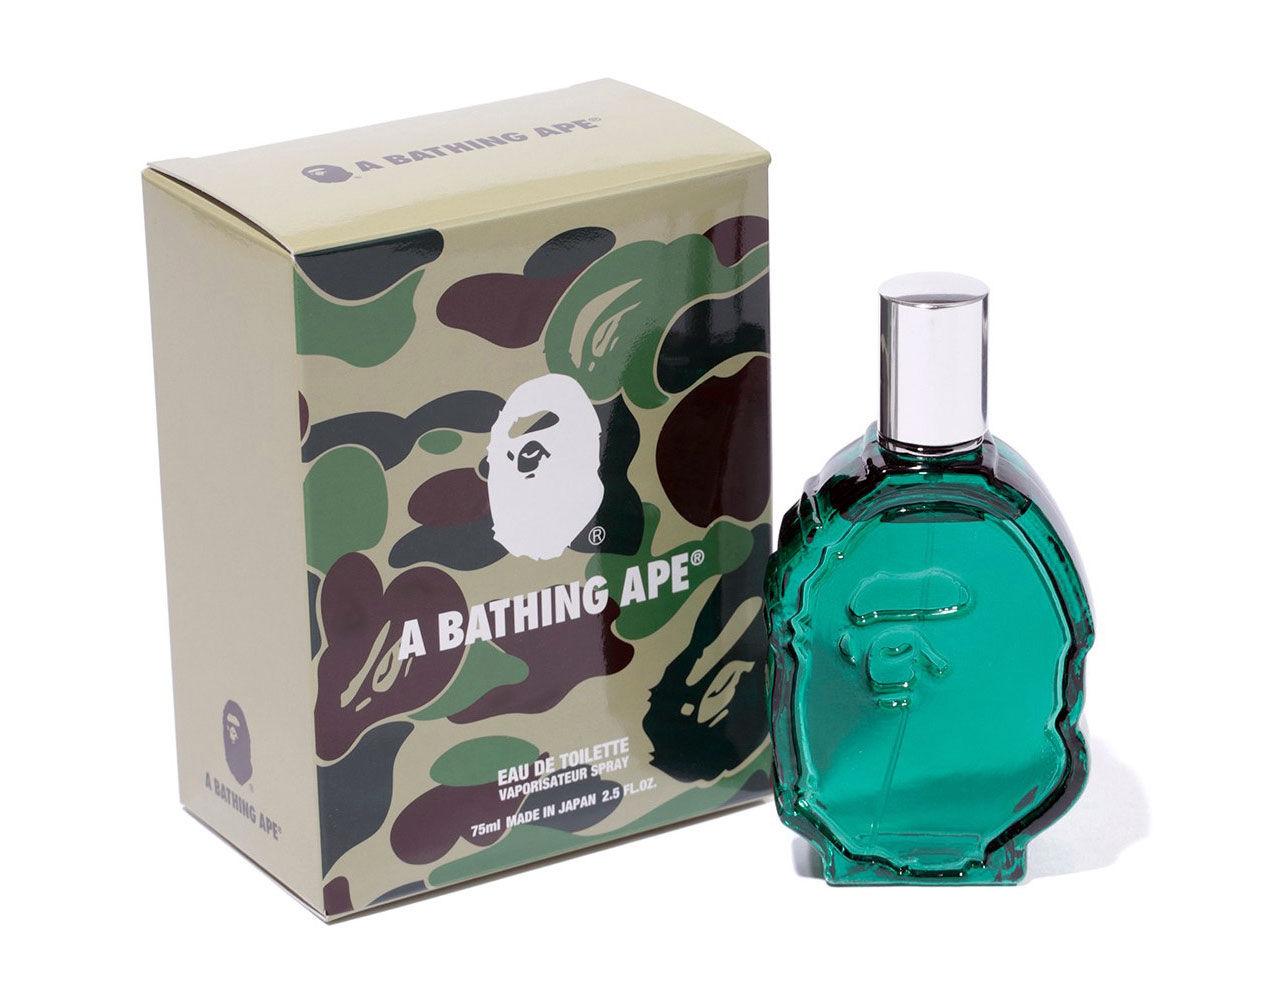 Snart släpper BAPE en egen parfym